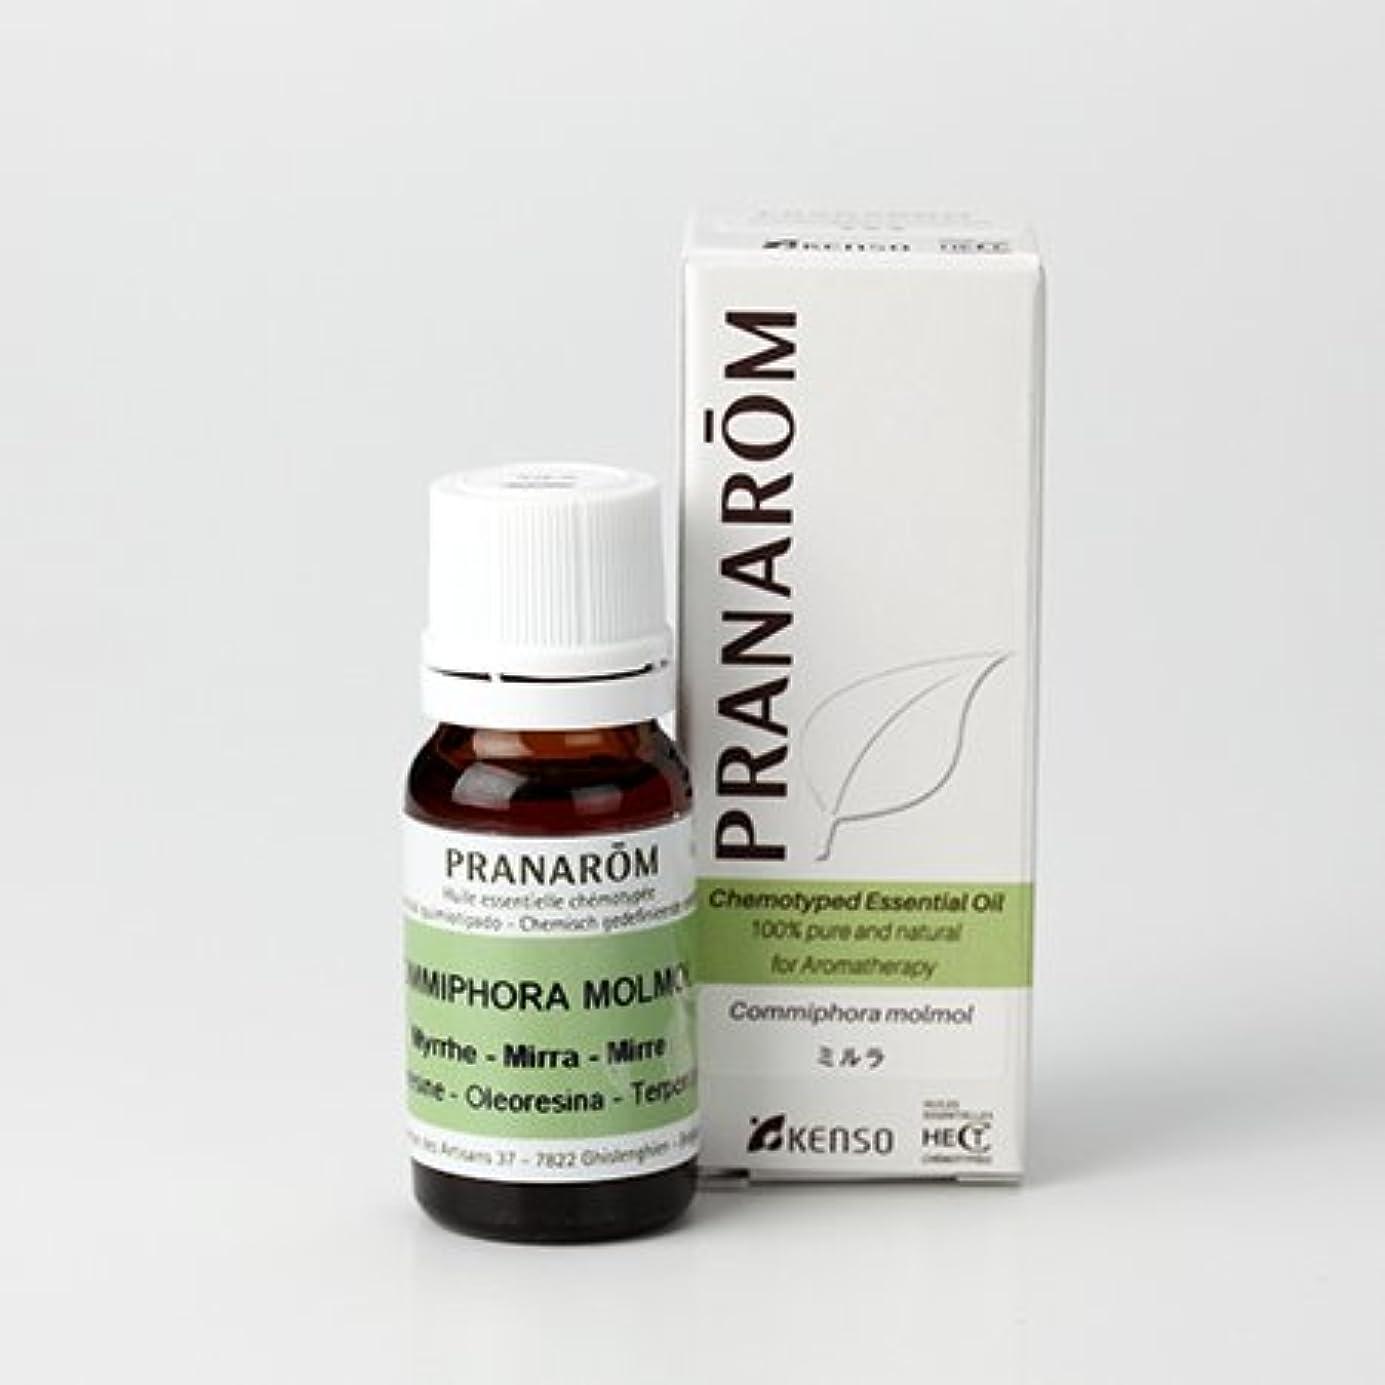 死学んだ論争【ミルラ 10ml】→ムスクに似た深い香り?(樹脂系)[PRANAROM(プラナロム)精油/アロマオイル/エッセンシャルオイル]P-48